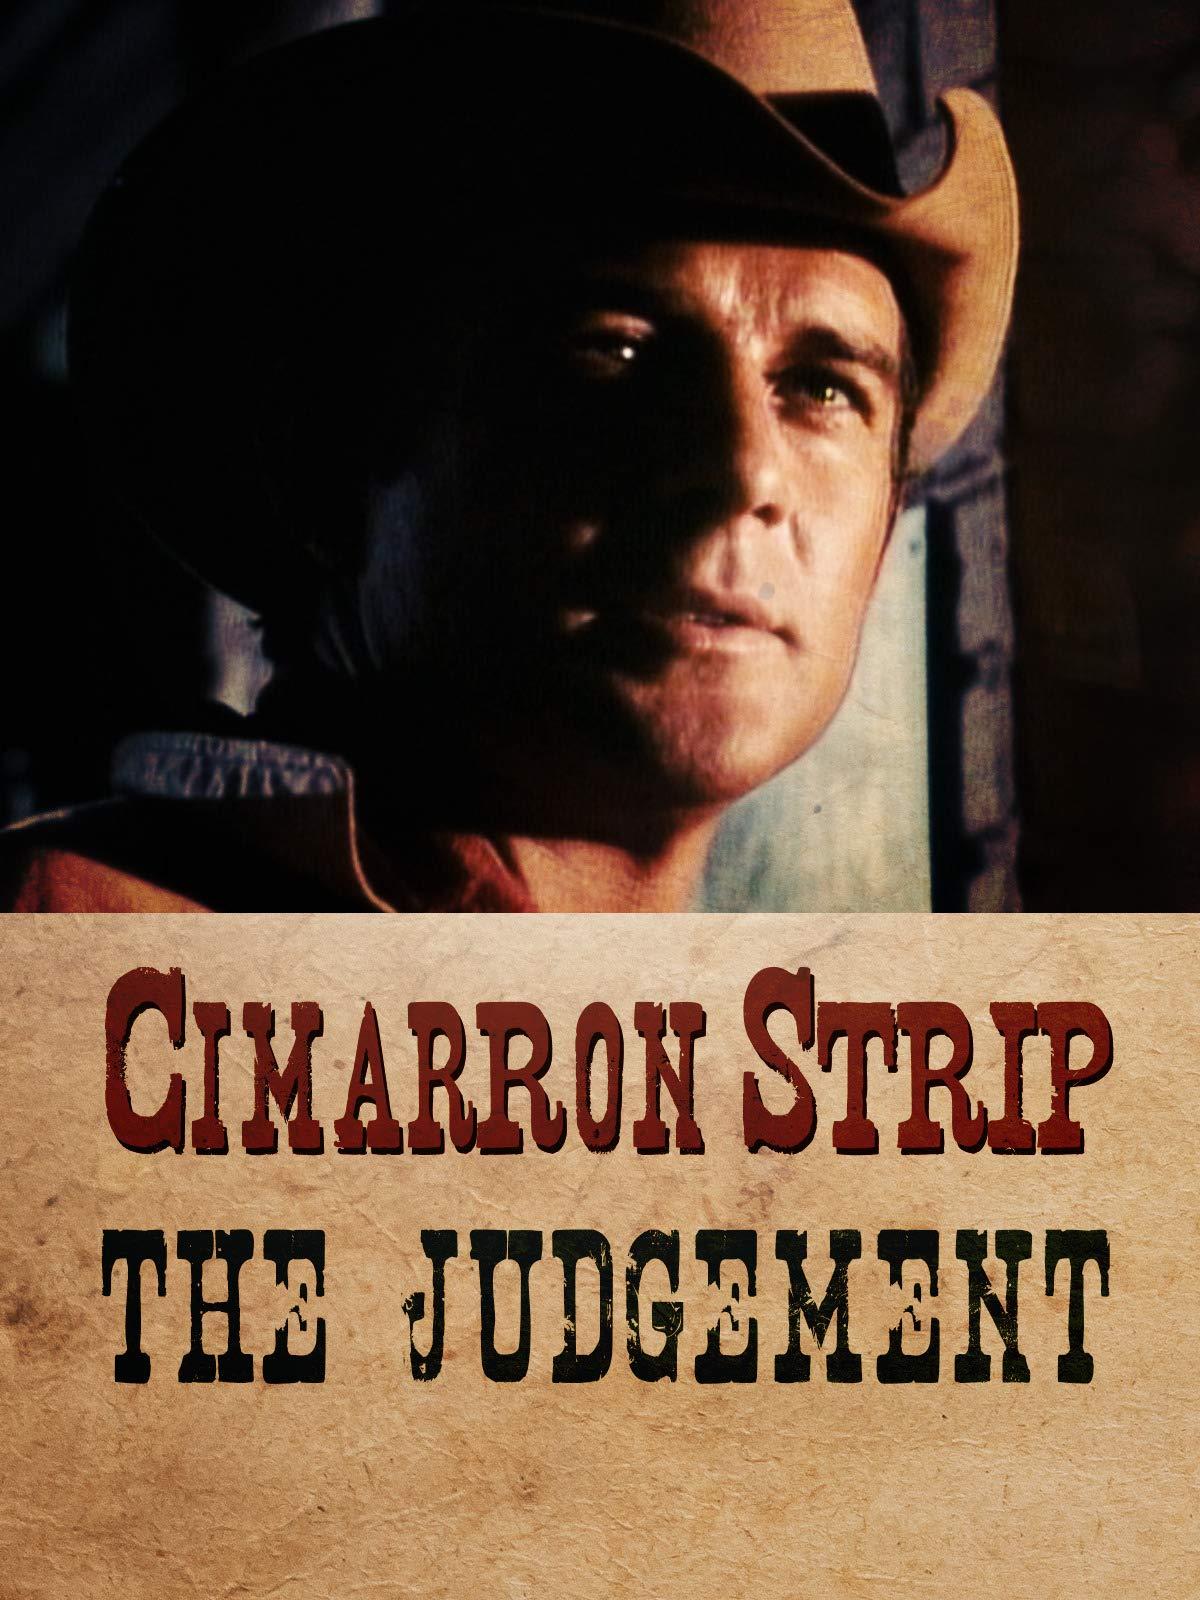 Cimarron Strip - The Judgement